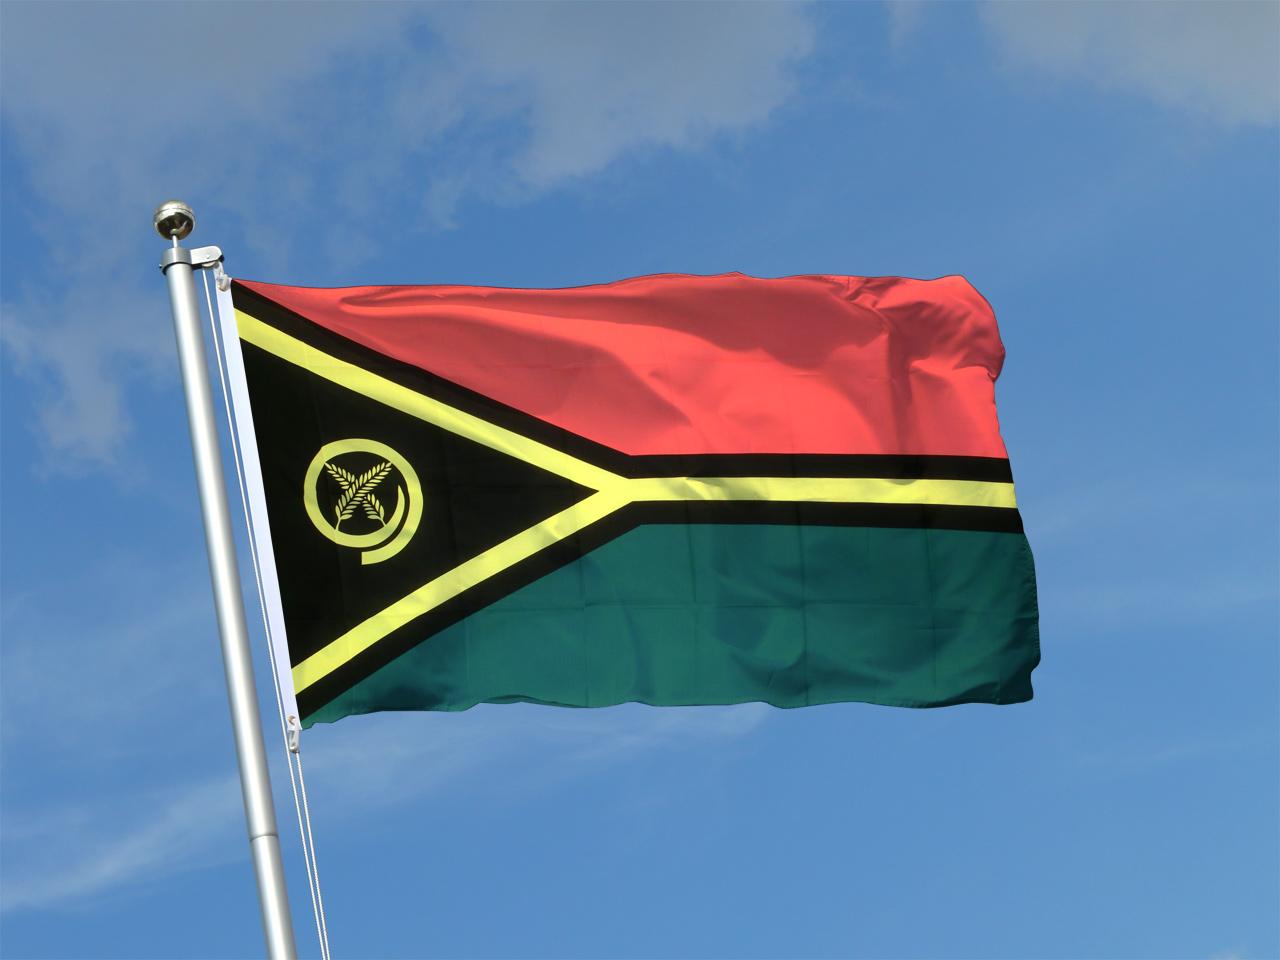 Vanuatu Flag for Sale - Buy online at Royal-Flags